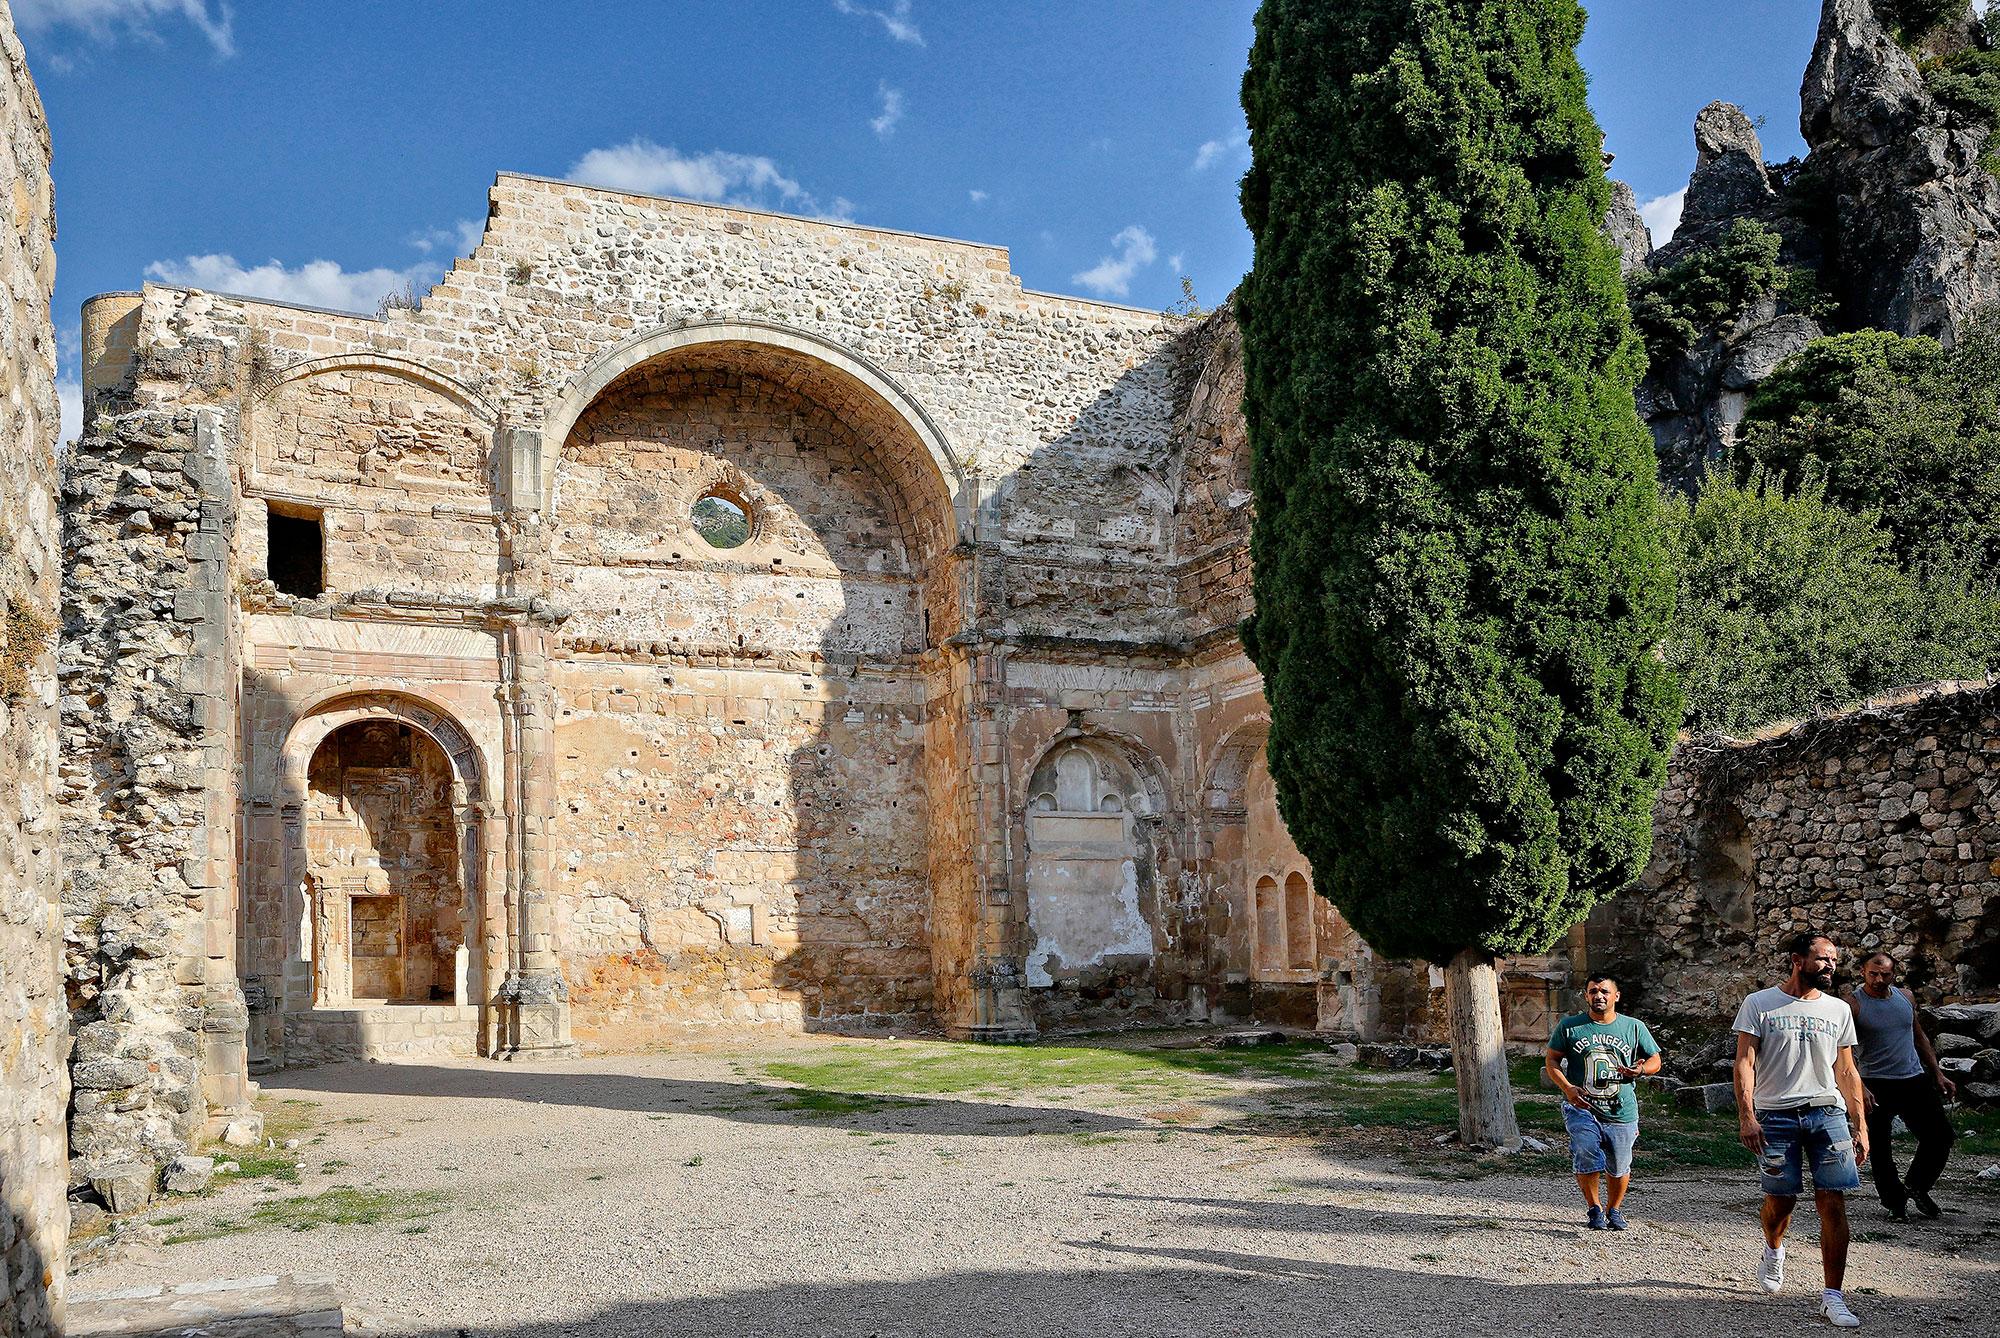 Además del castillo, se pueden visitar las ruinas de una antigua iglesia de estilo renacentista.